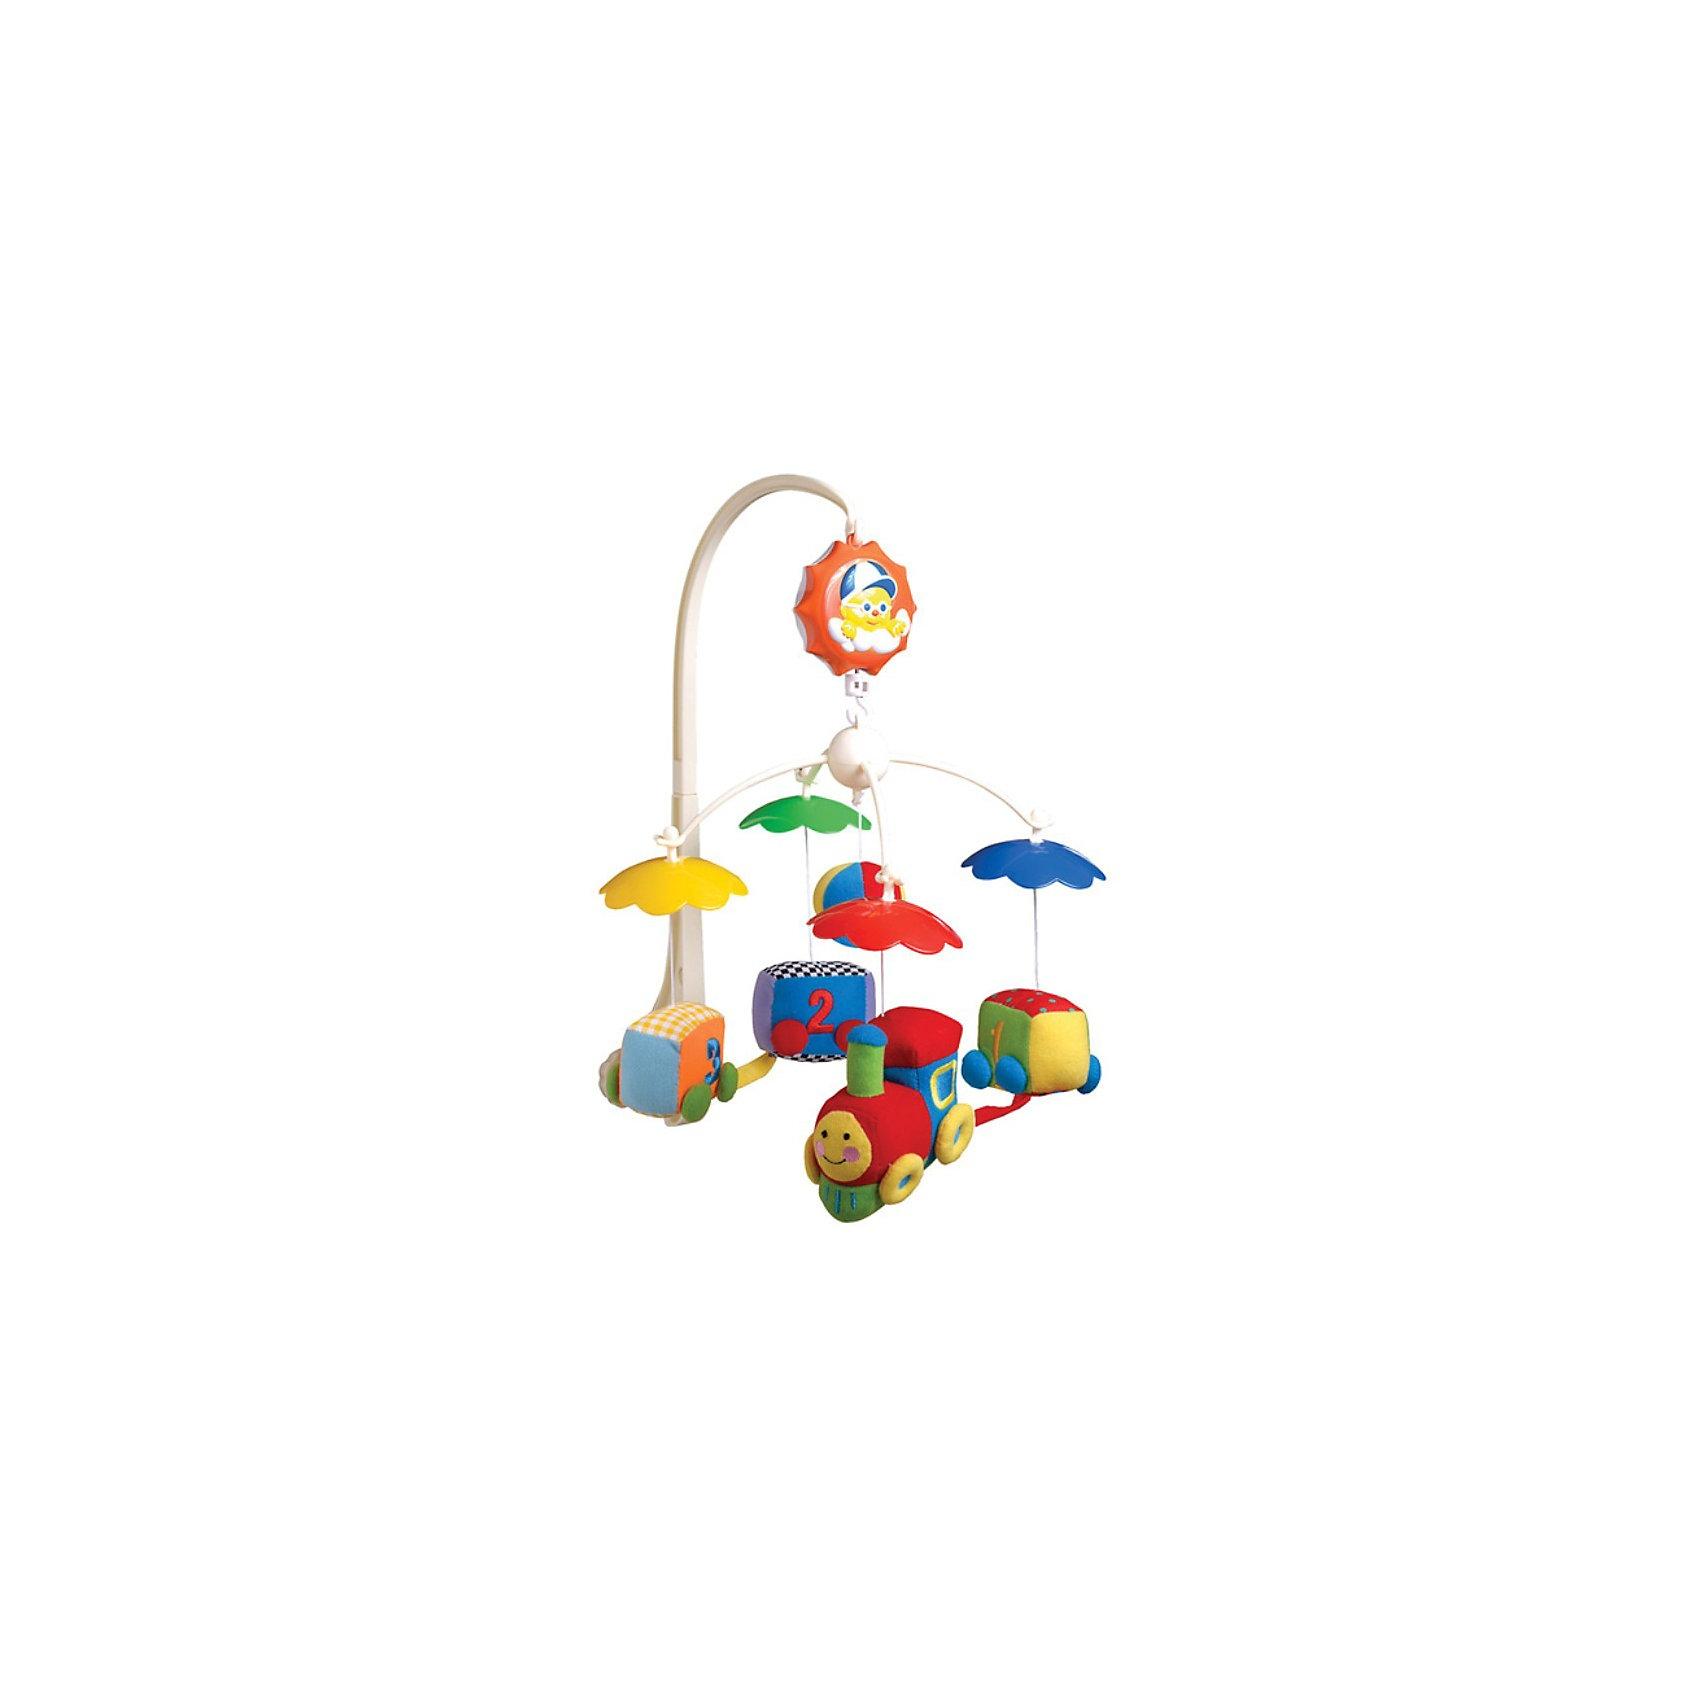 Музыкальный мякгий мобиль Паровозик, Canpol BabiesМузыкальная мягкая игрушка-карусель Паровозик Canpol Babies (Канпол Бэйбиз) крепится на кроватку.<br><br>Красочные мягкие игрушки крутятся, тем самым помогая малышу научиться фокусировать зрение. Если завести музыкальную коробочку, то карусель придет в движение и зазвучит приятная музыка (батарейки не требуются). Приятная мелодия сможет успокоить ребенка и помочь быстрее и крепче заснуть. Каждую из игрушек можно отстегнуть и дать ребенку познакомиться с ними поближе.<br><br>Дополнительная информация:<br><br>- Размеры упаковки: 8 х 37,3 х 31 см.<br>- Игрушки можно стирать согласно инструкции. <br><br>Музыкальную мягкую игрушку-карусель Паровозик Canpol Babies можно купить в нашем интернет-магазине.<br><br>Ширина мм: 80<br>Глубина мм: 373<br>Высота мм: 310<br>Вес г: 661<br>Возраст от месяцев: 0<br>Возраст до месяцев: 36<br>Пол: Унисекс<br>Возраст: Детский<br>SKU: 3260489